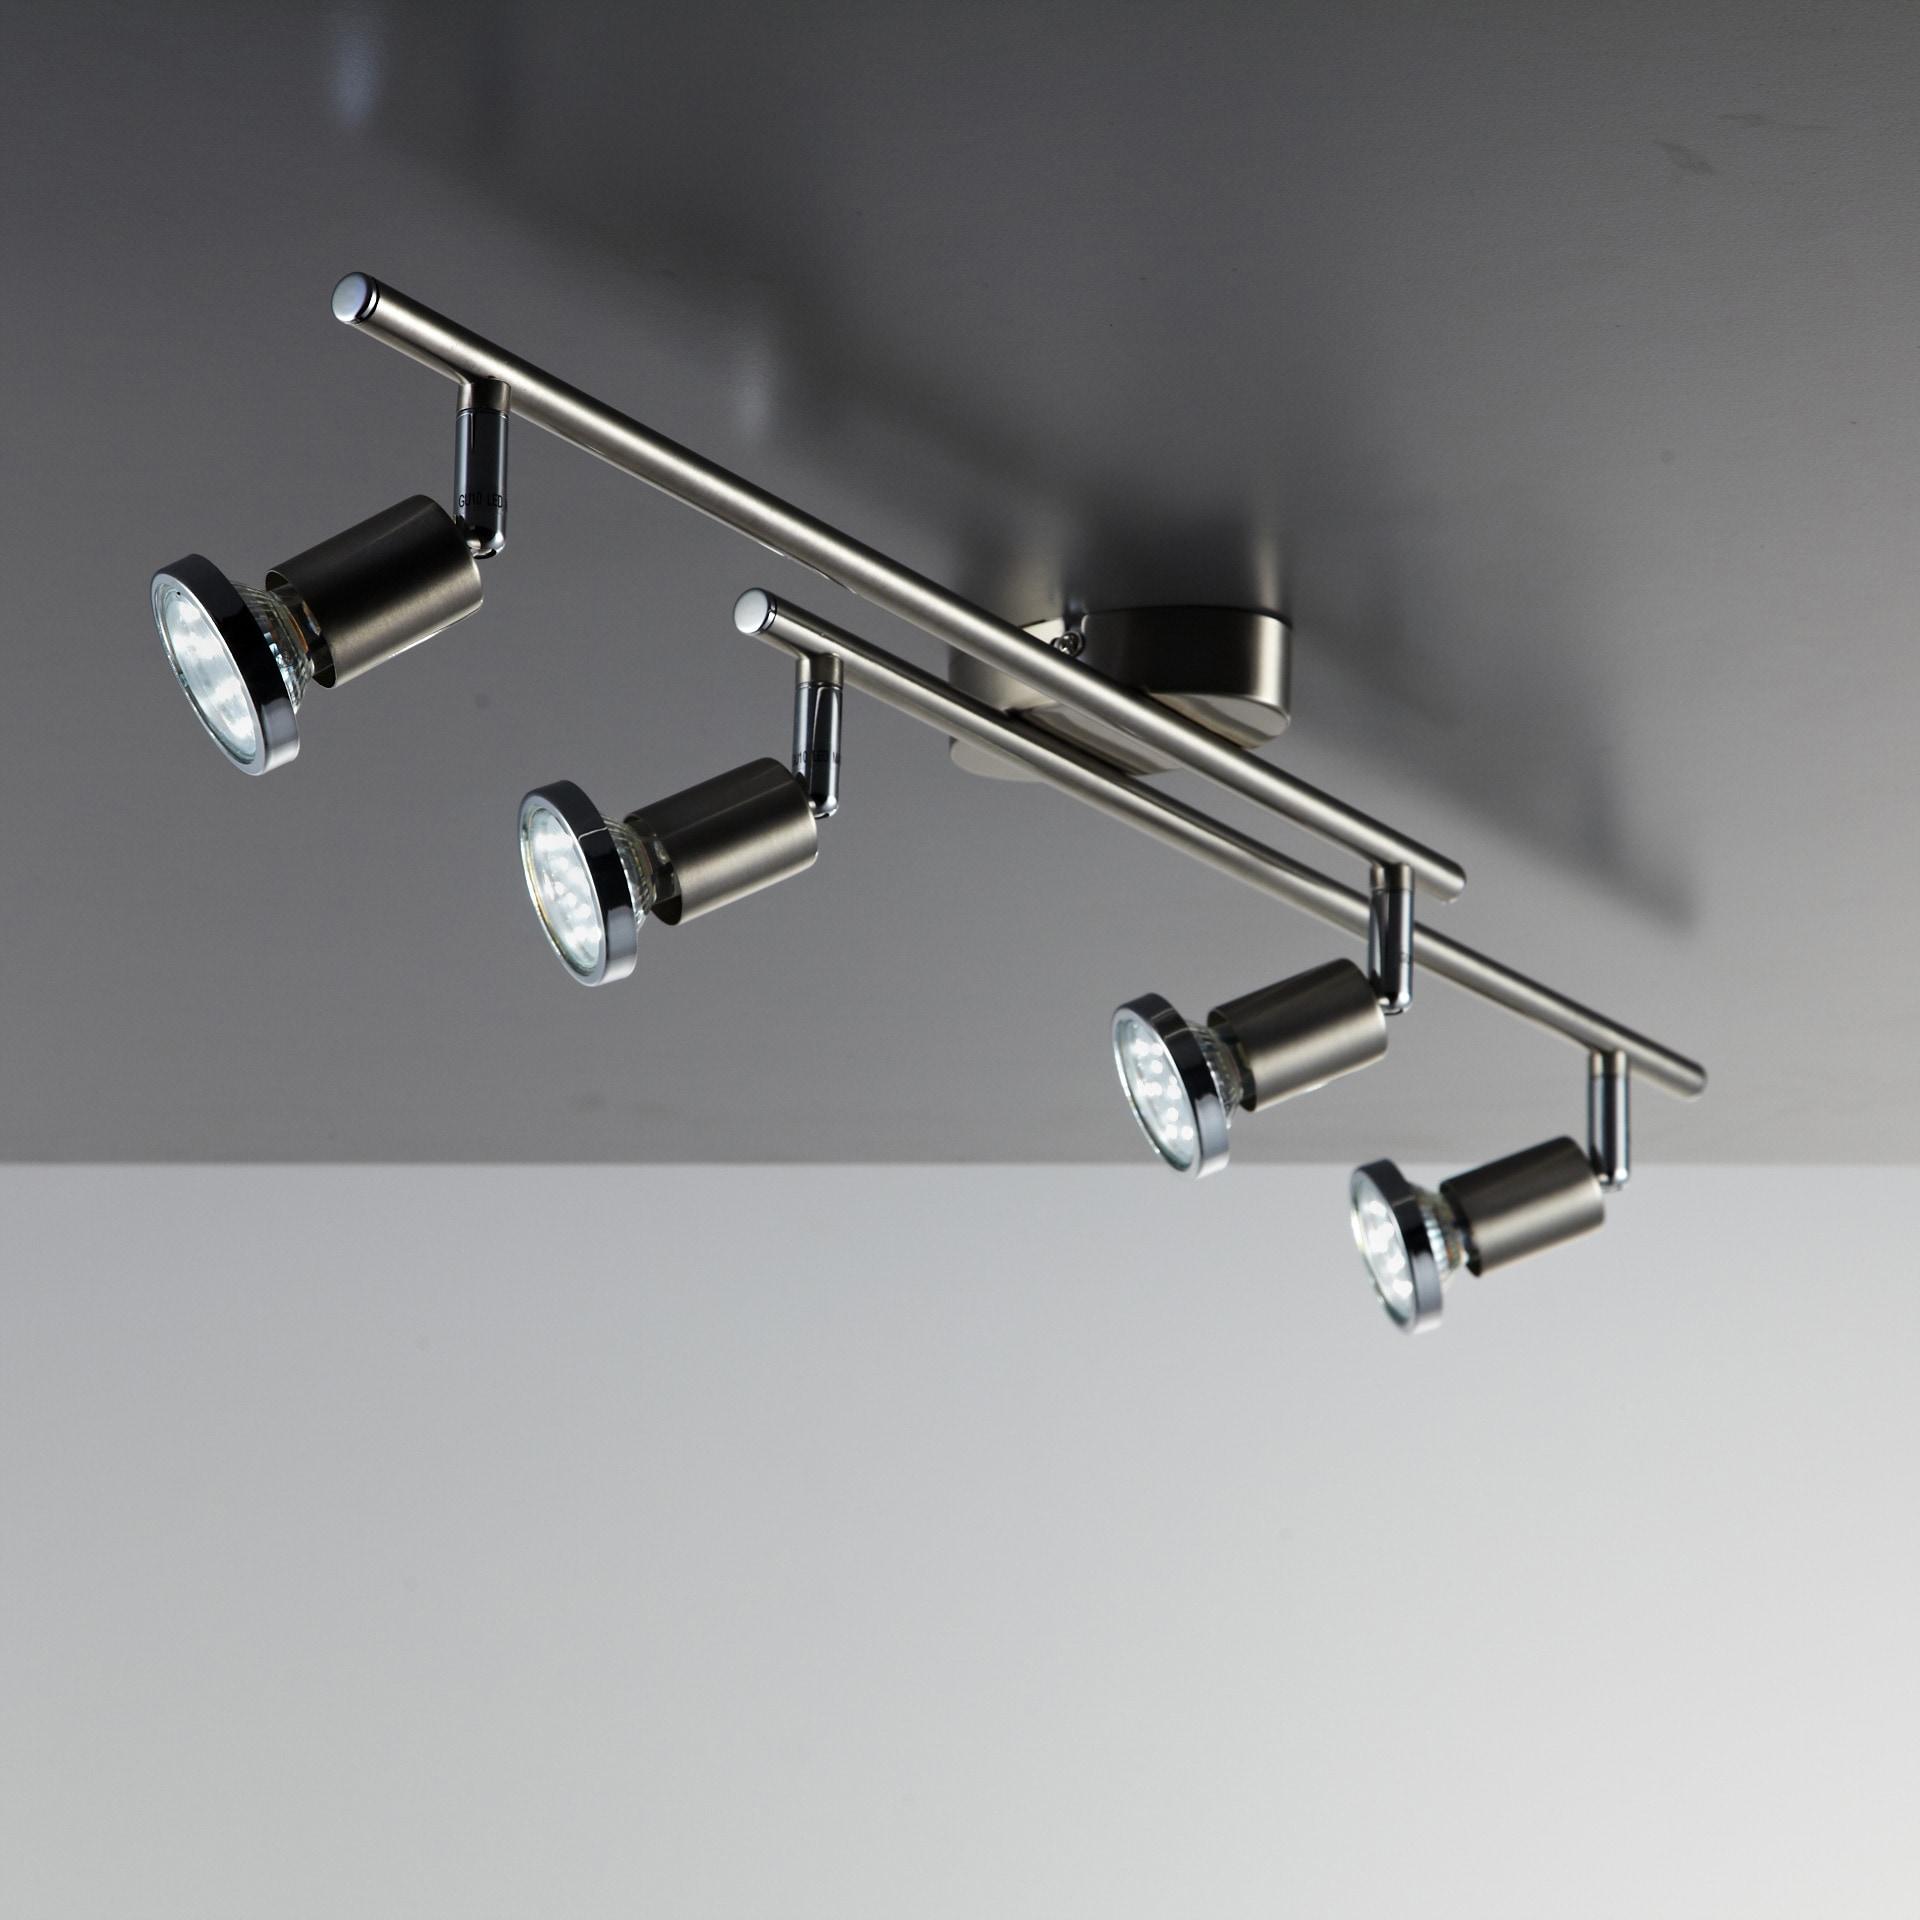 B.K.Licht LED Deckenspot Mika 4, GU10, Warmweiß, LED Deckenleuchte Wohnzimmer schwenkbar inkl. 3W GU10 Metall Deckenstrahler